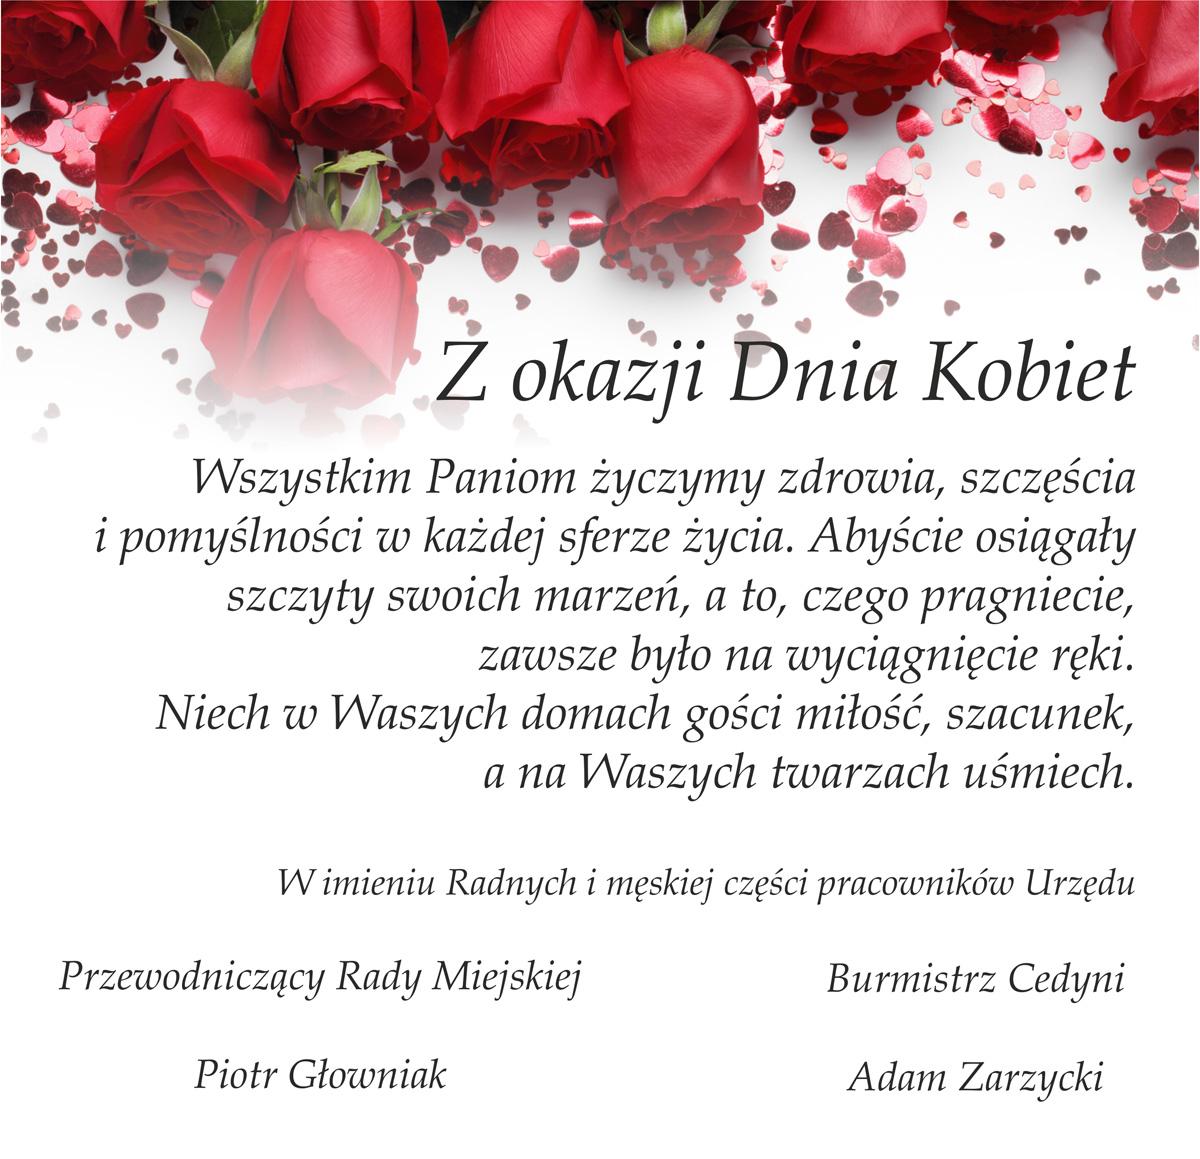 dzień kobiet życzenia